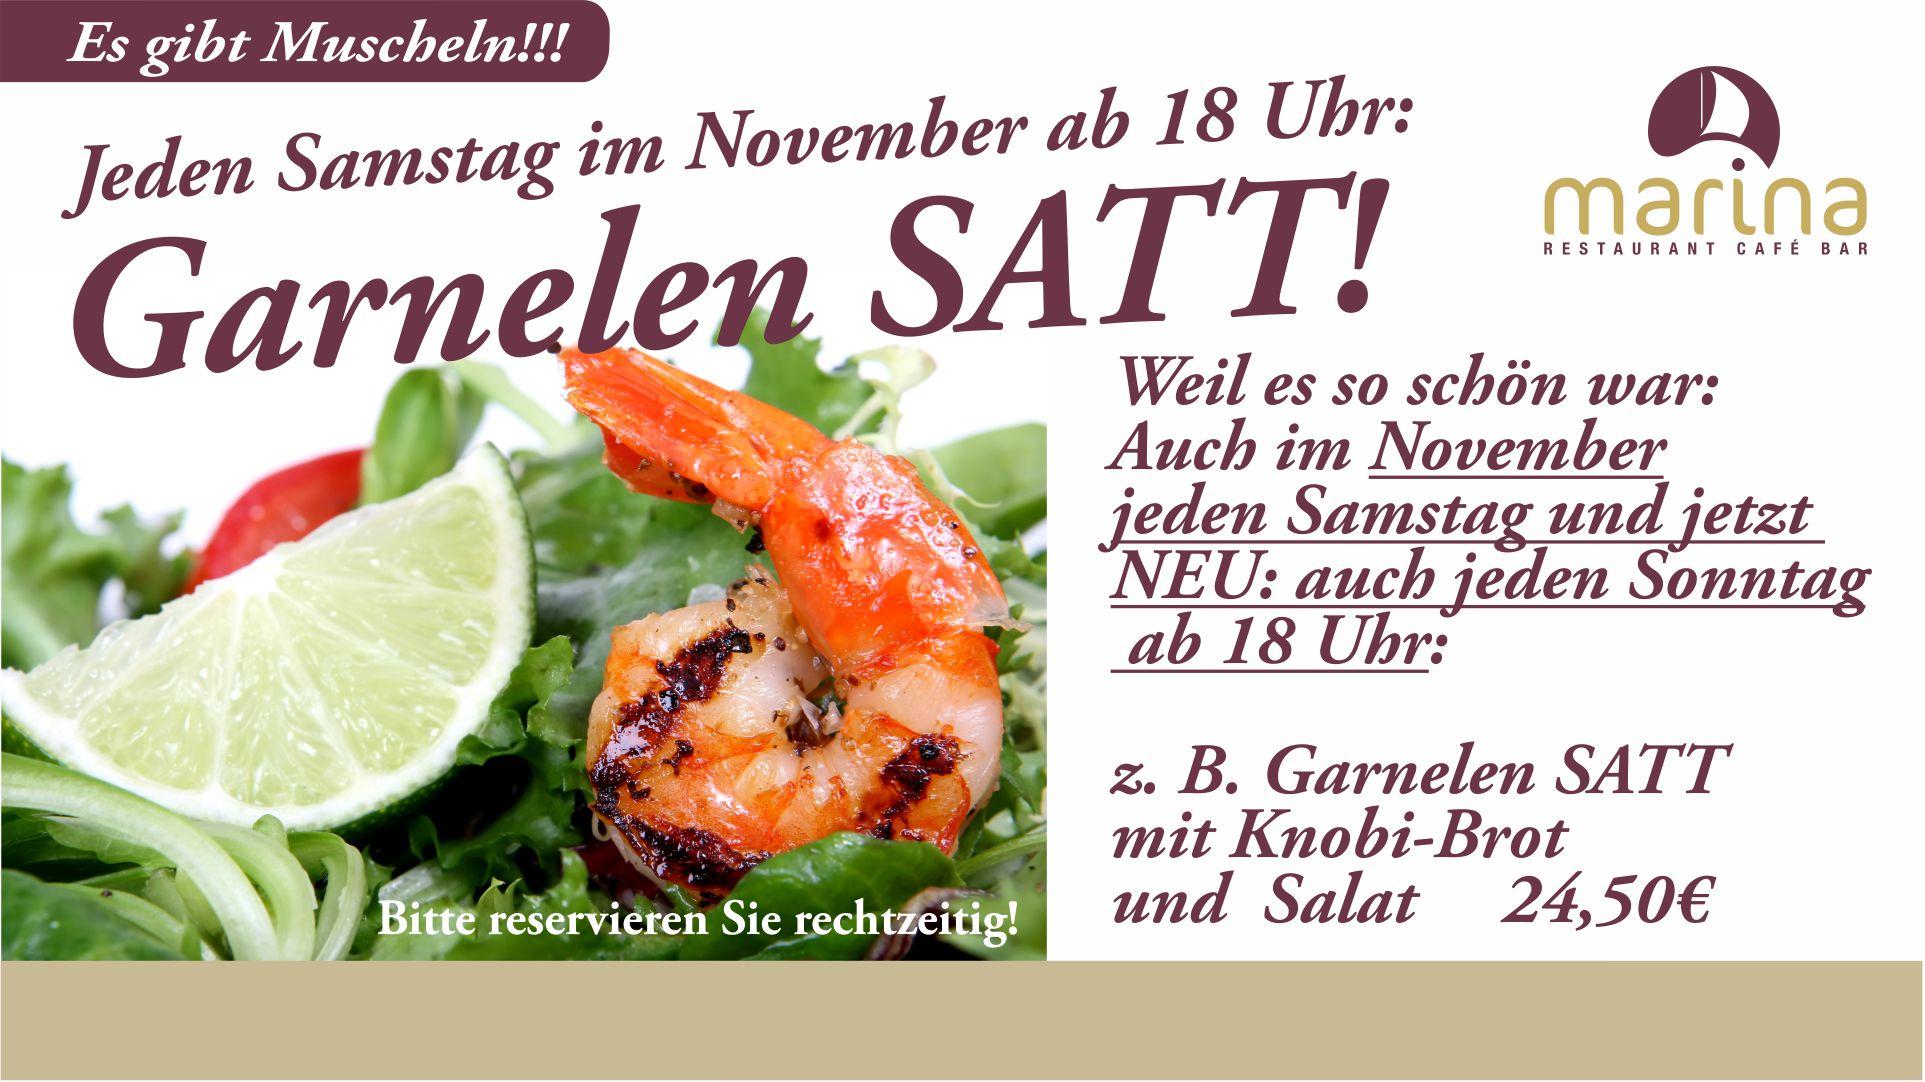 GARNELEN SATT auch jeden Samstag und jetzt NEU: auch an Sonntagen im November ab 18 Uhr!